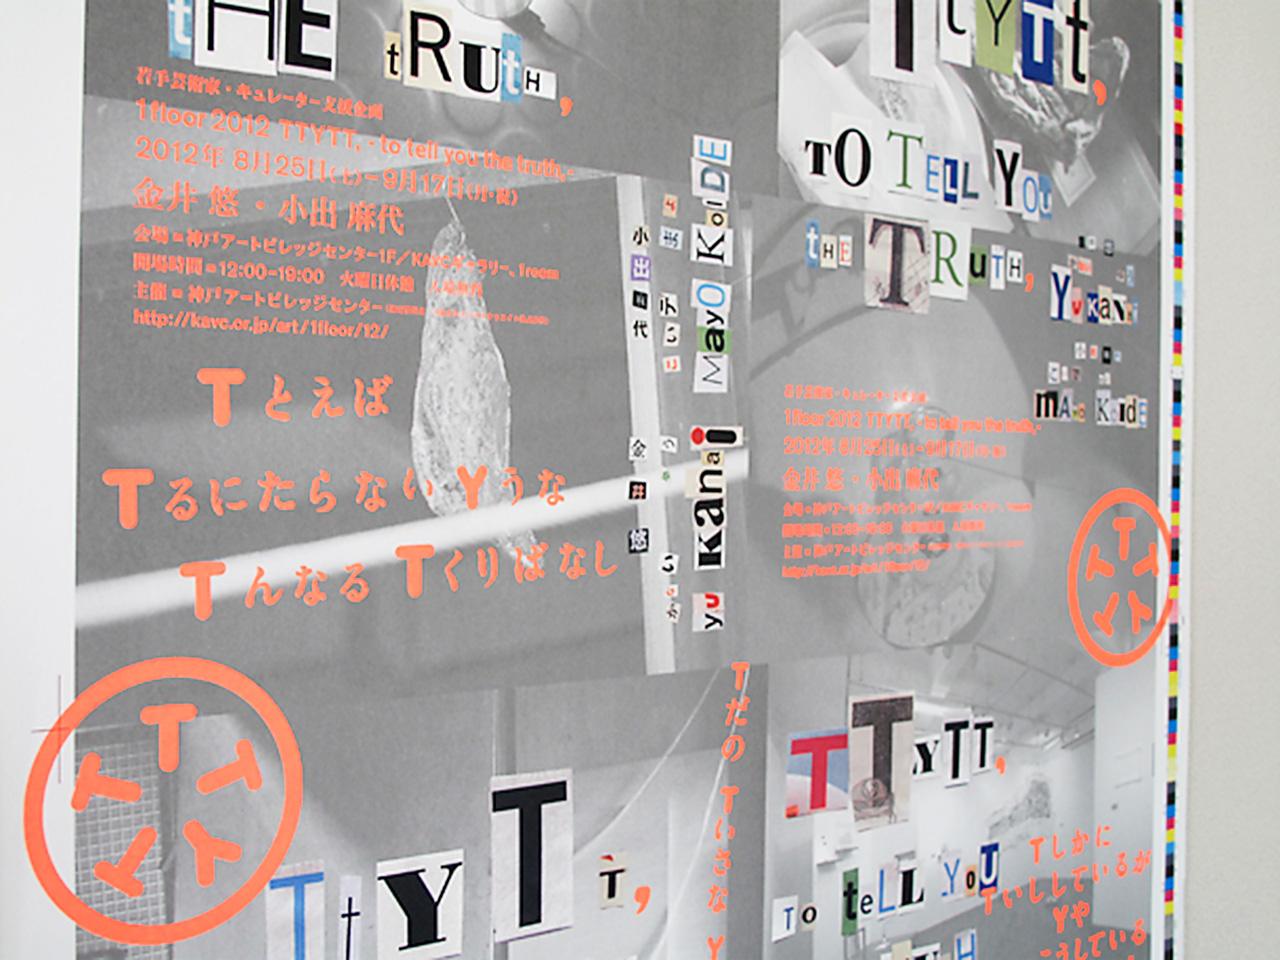 KAVC展ポスターイメージ